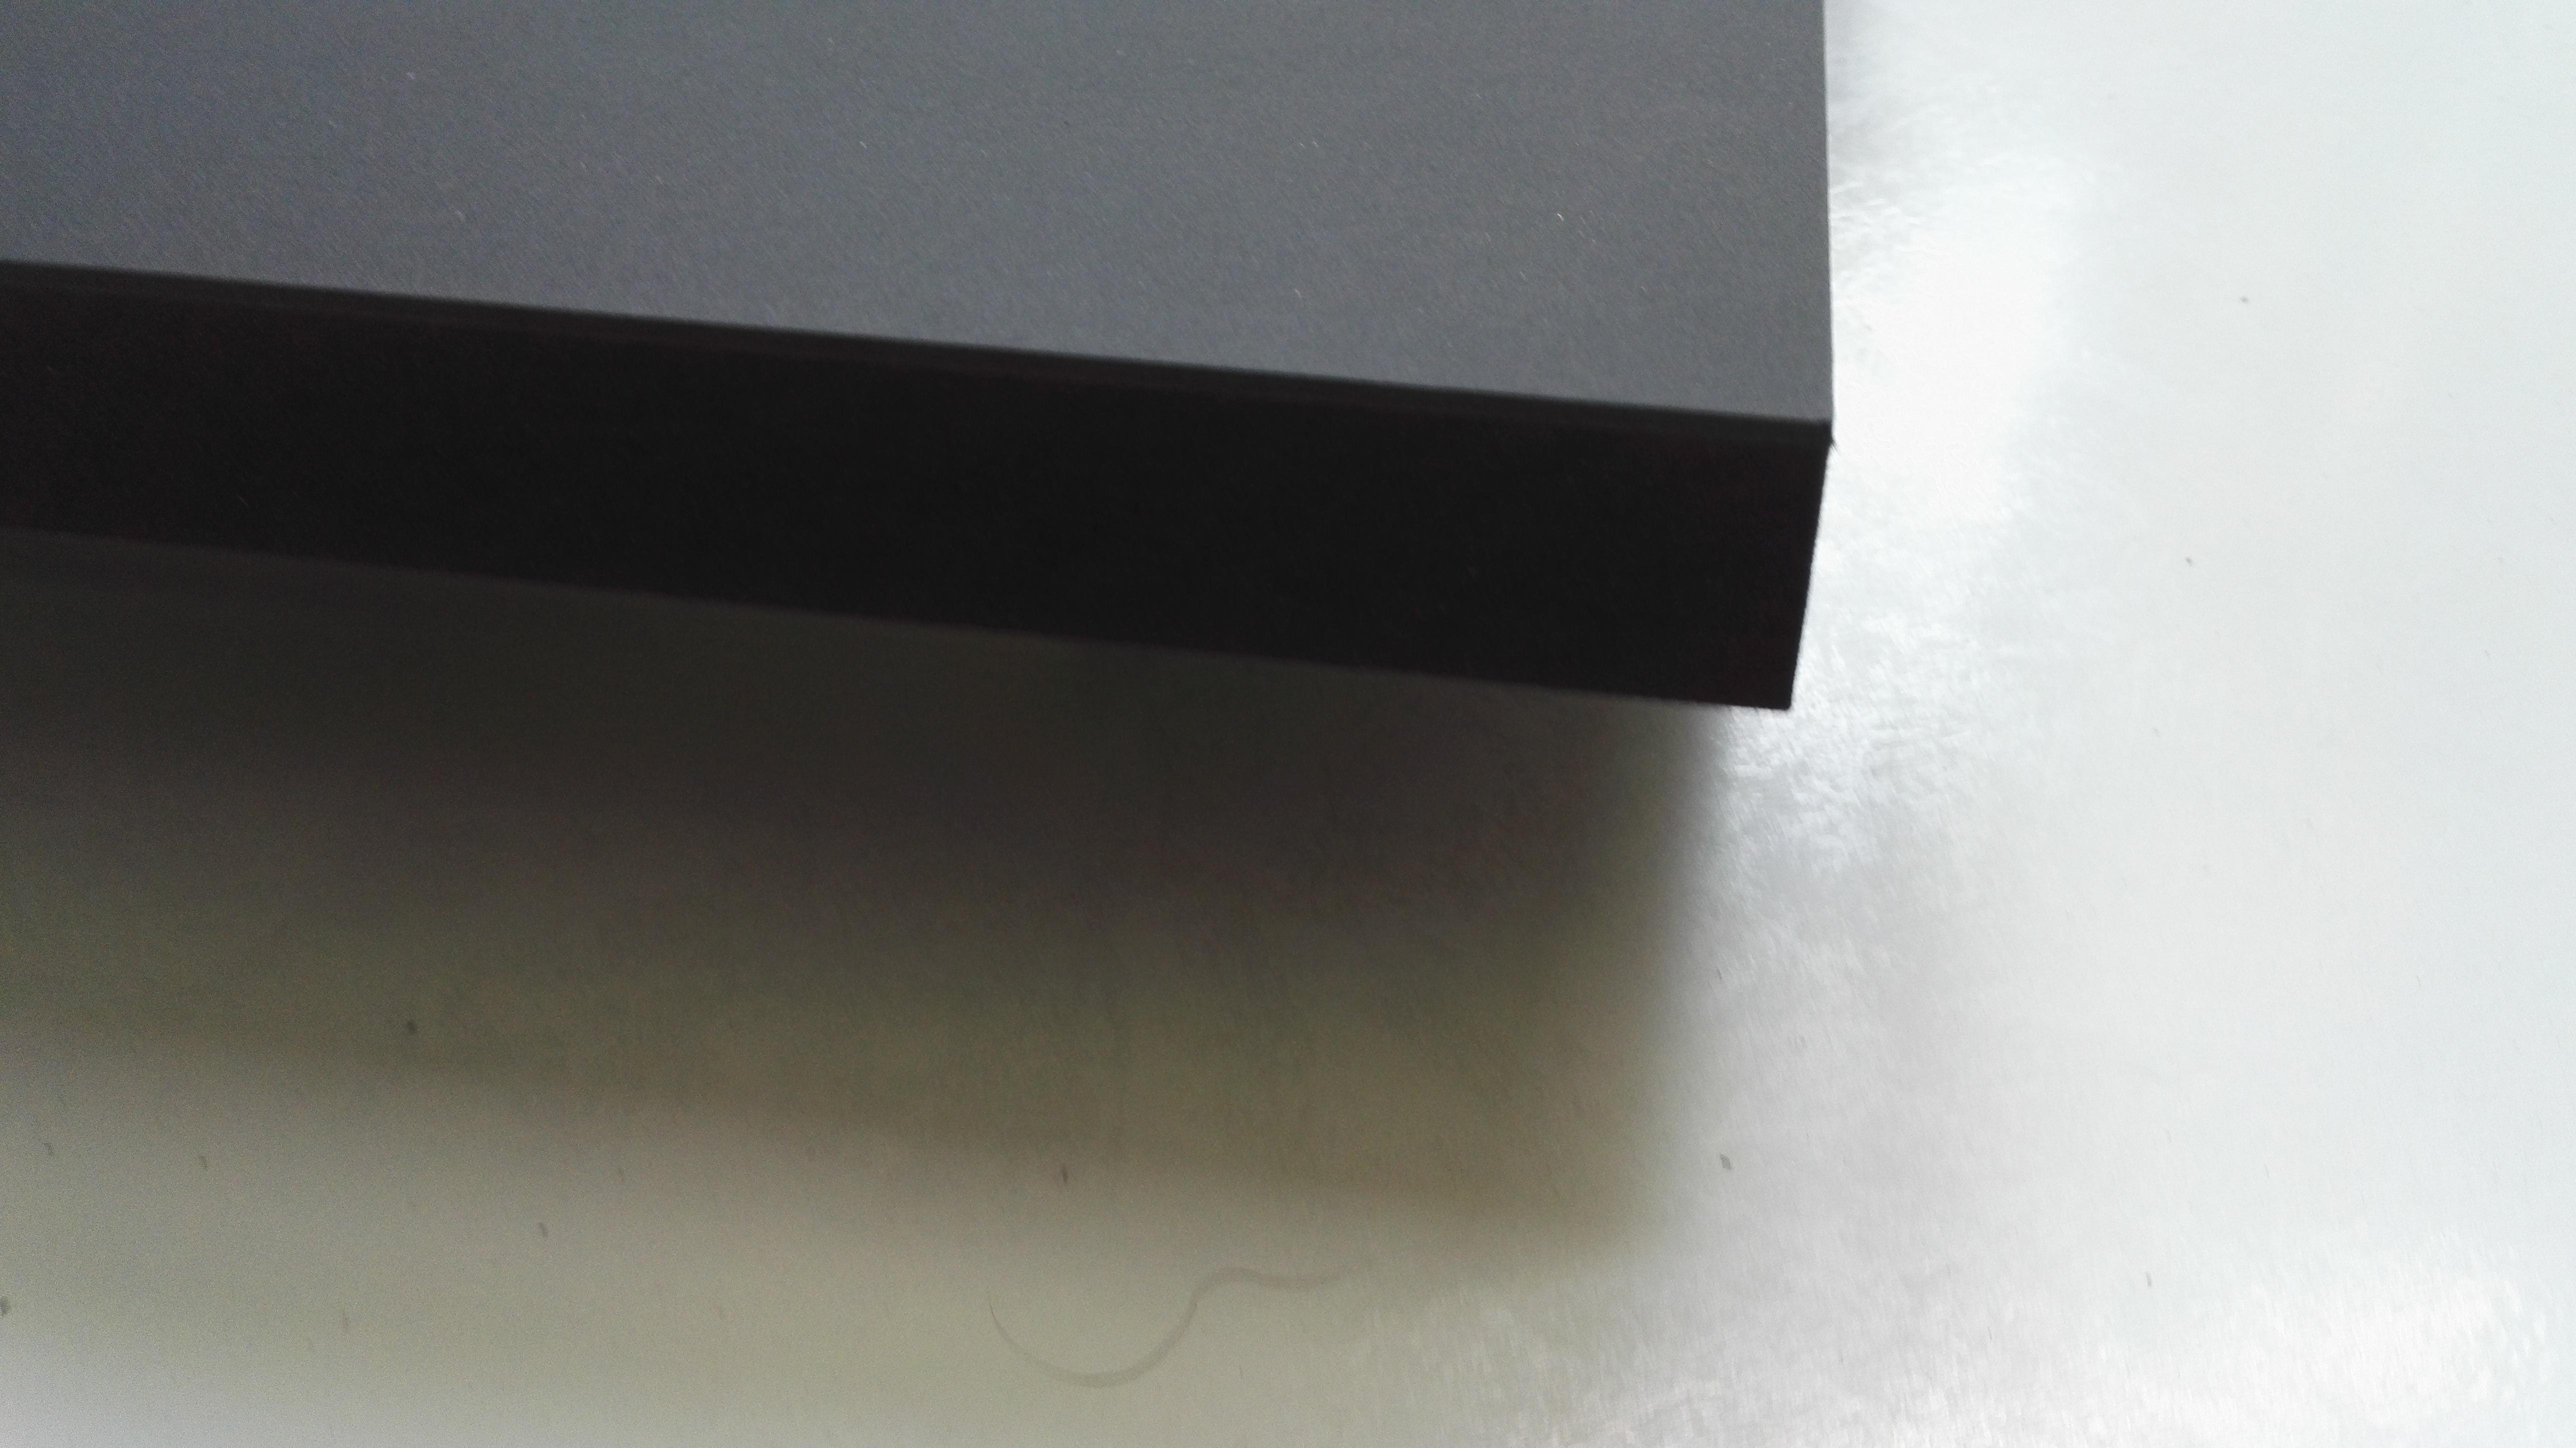 Lautsprecherbau thomaier schallwand zuschnitt mdf for Linoleum schwarz